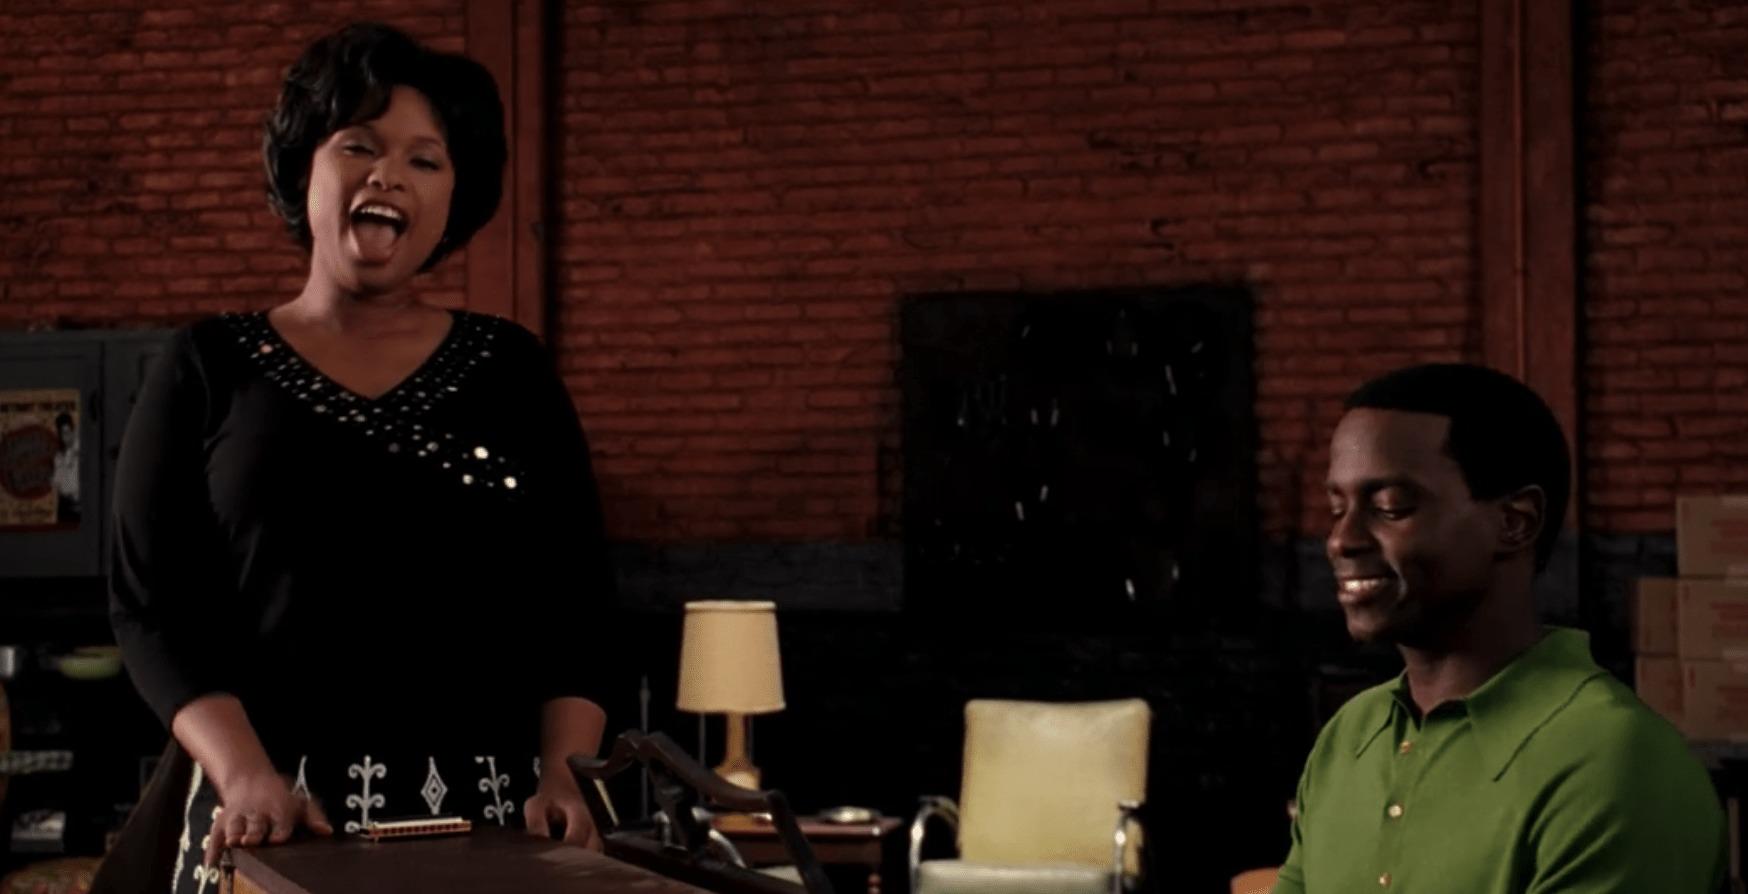 ドリームガールズを無料動画でネタバレ紹介する記事